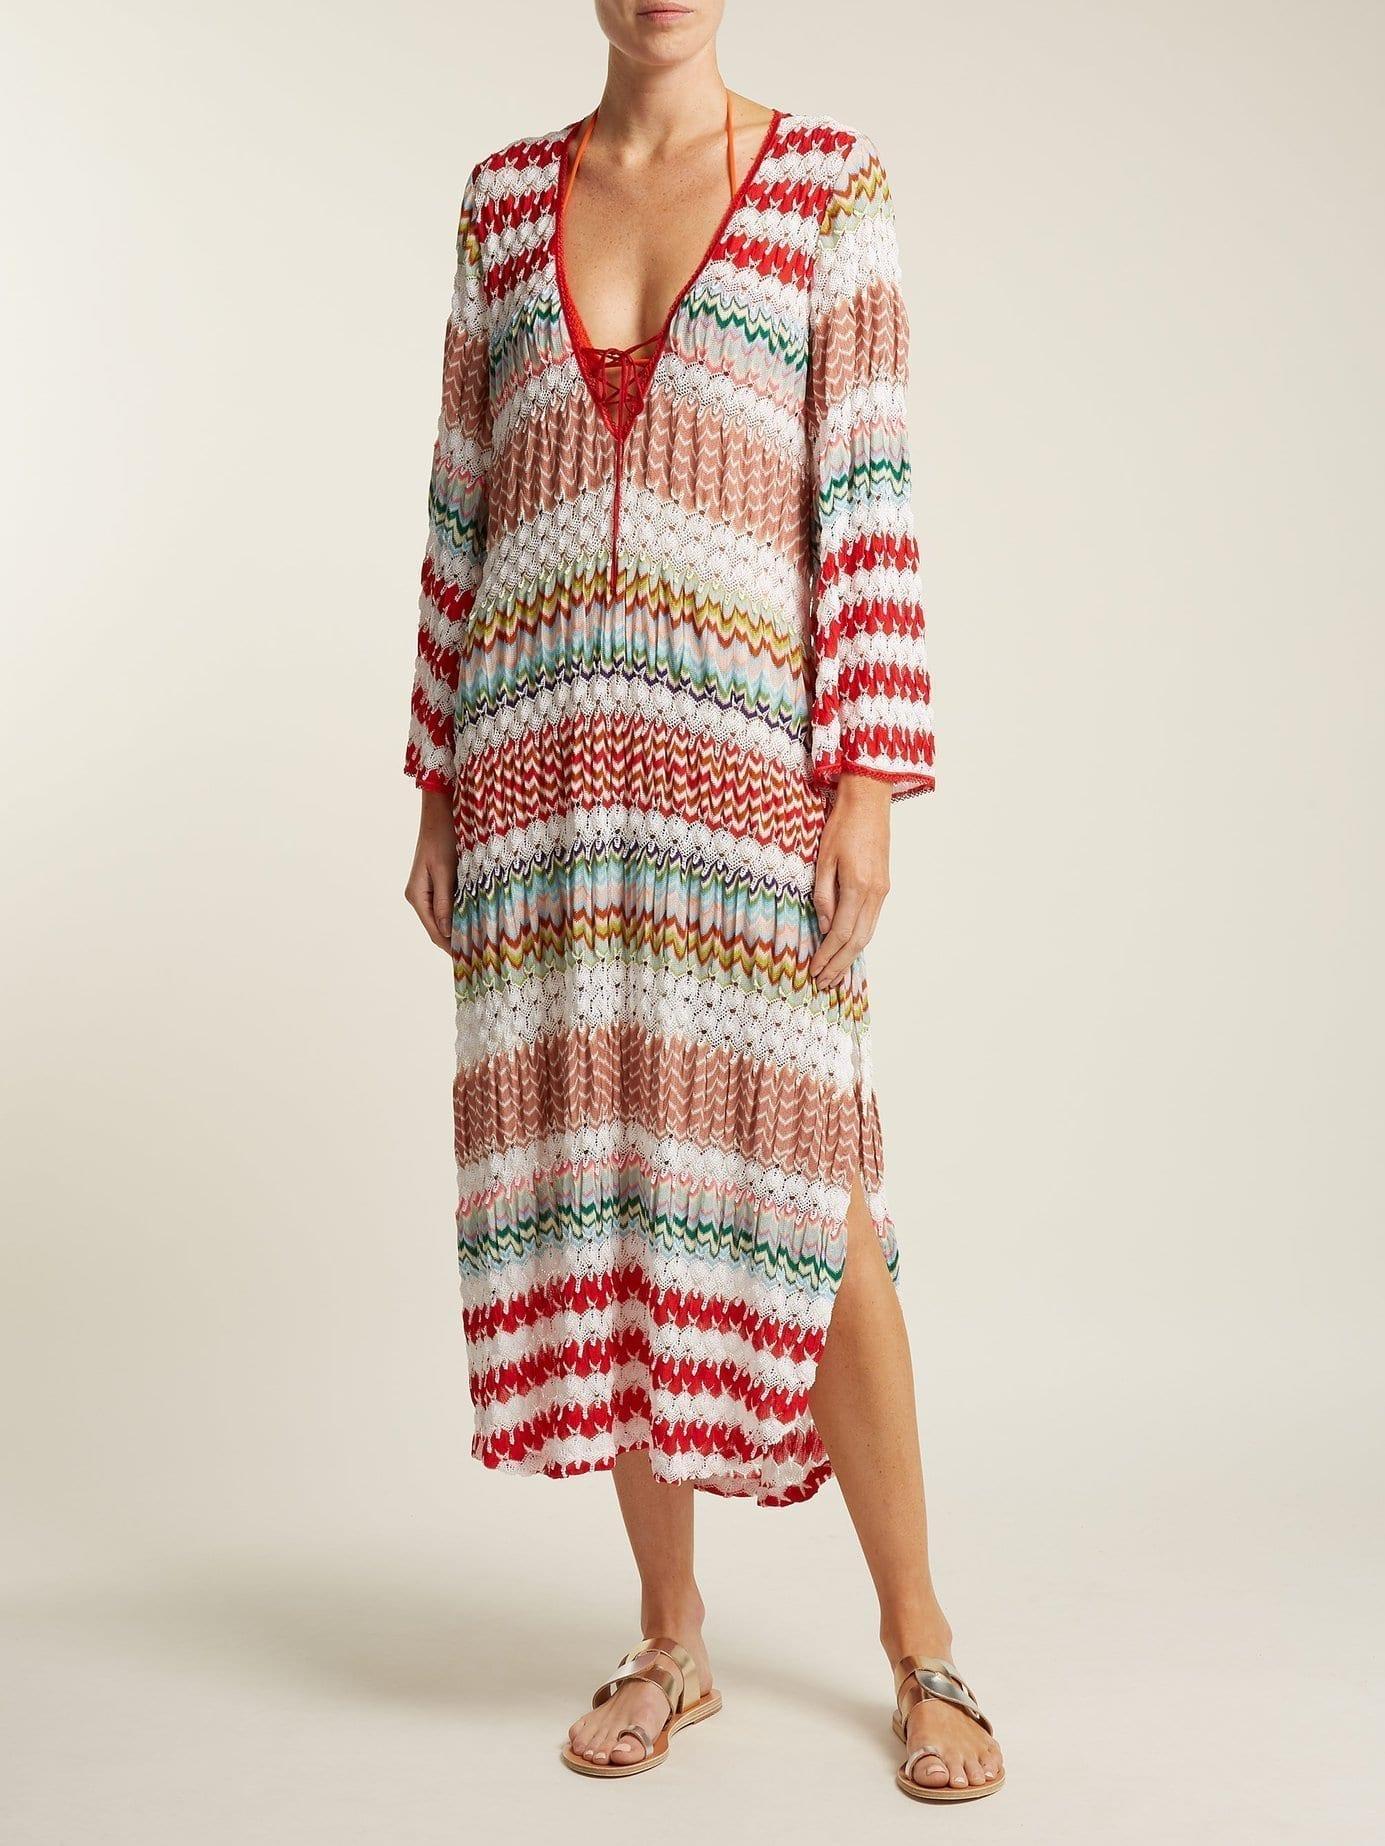 059bfb479e91 MISSONI MARE Crochet Knit Kaftan White Dress - We Select Dresses